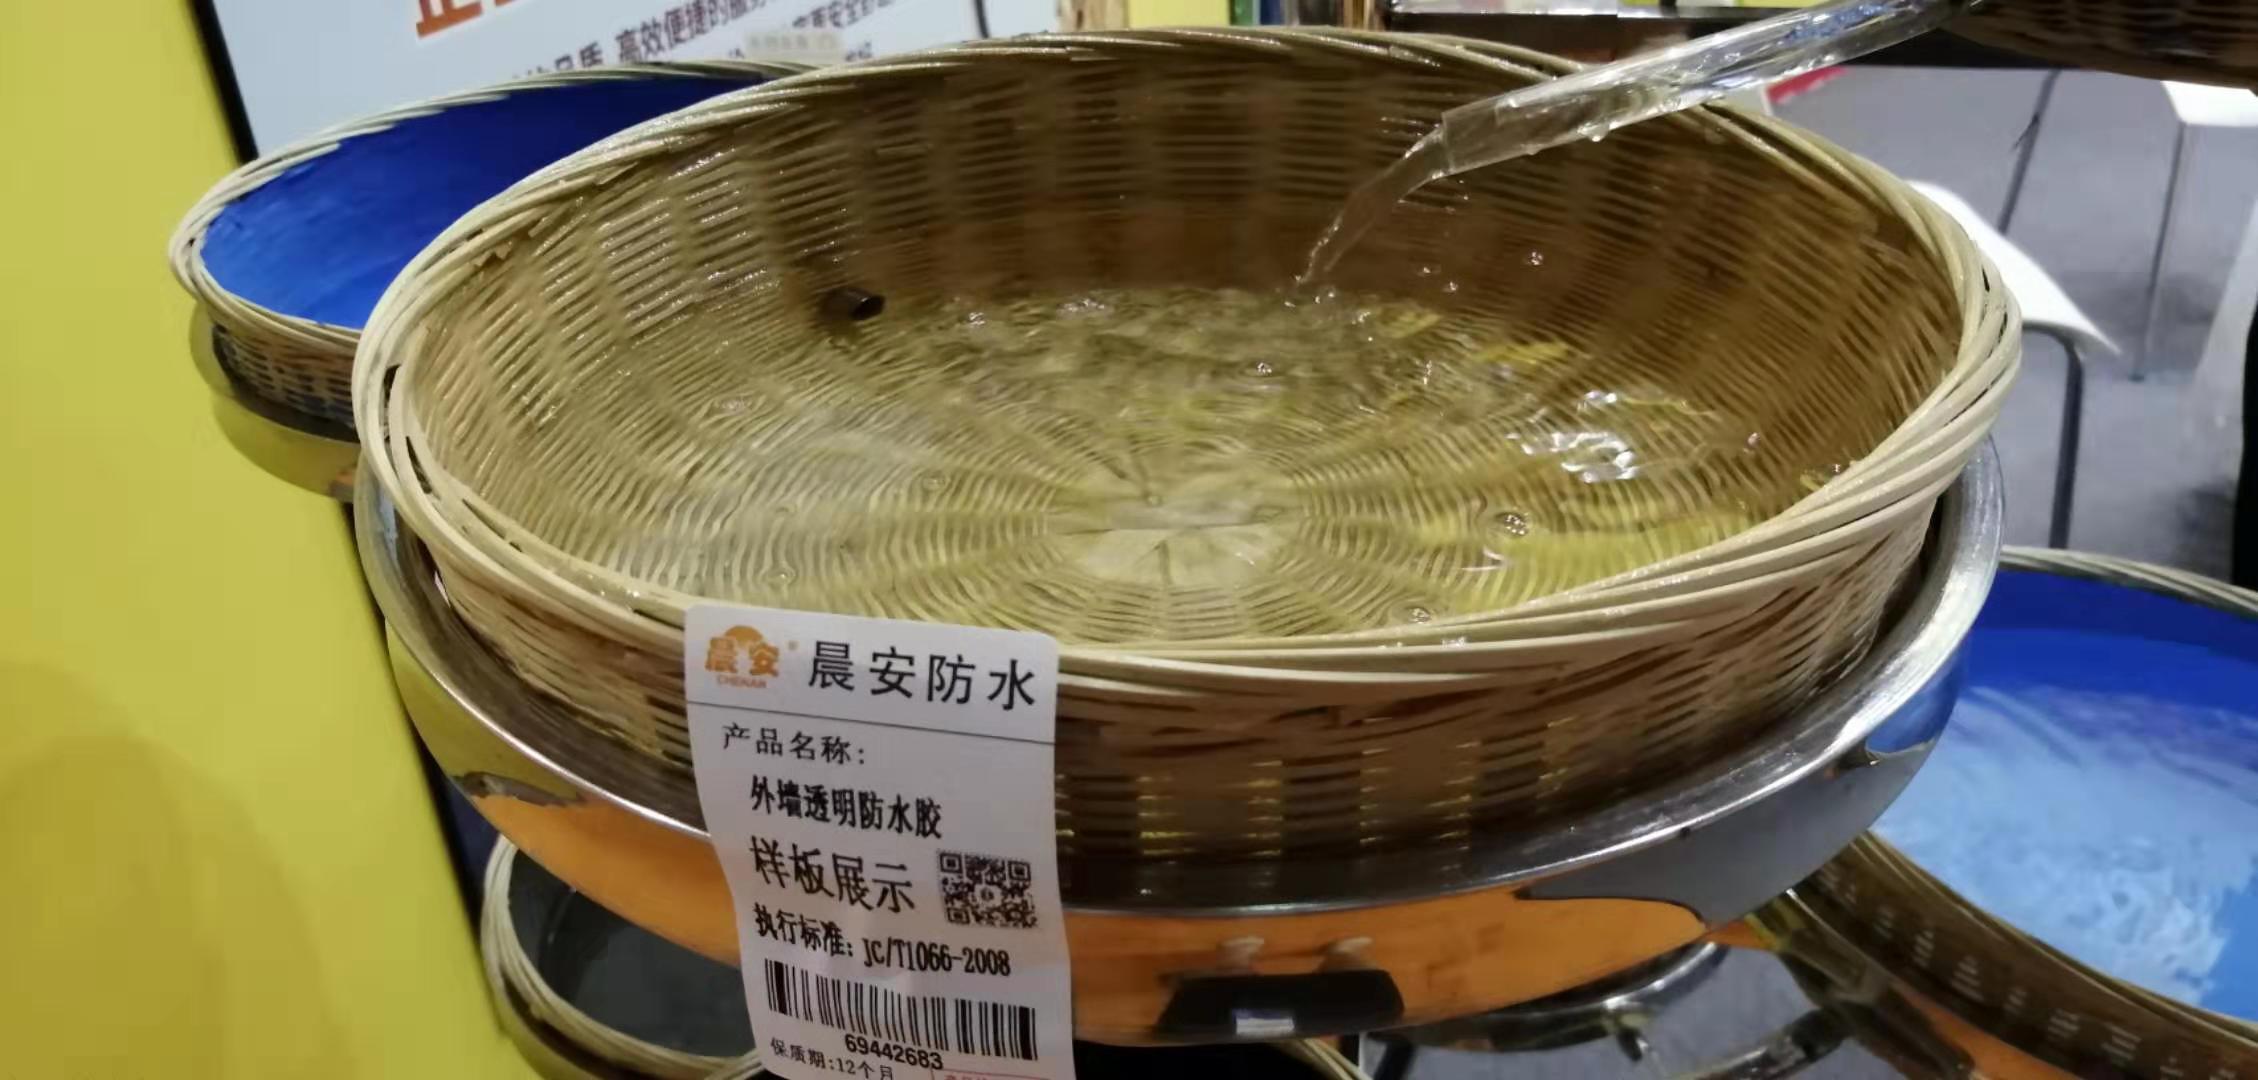 2019广州建博会后,晨安外墙透明防水胶瞬间爆红!